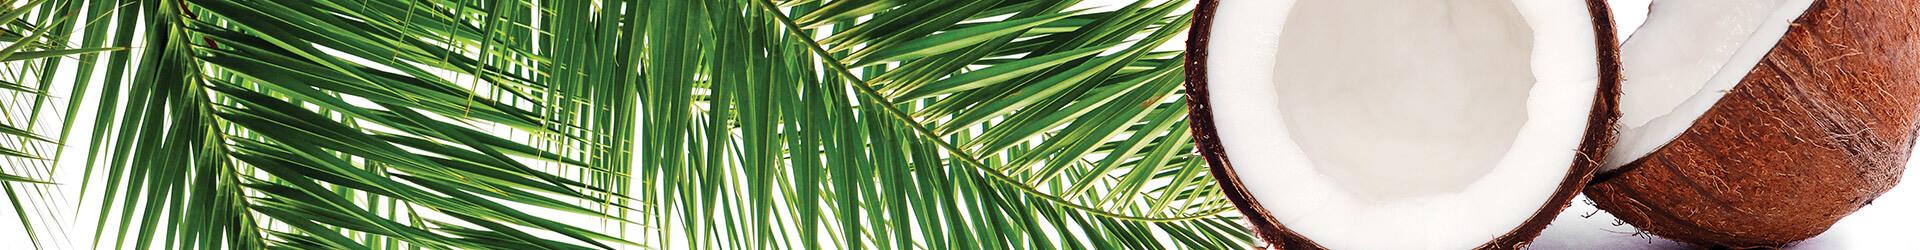 La gamme de soins à l'huile de coco natessance